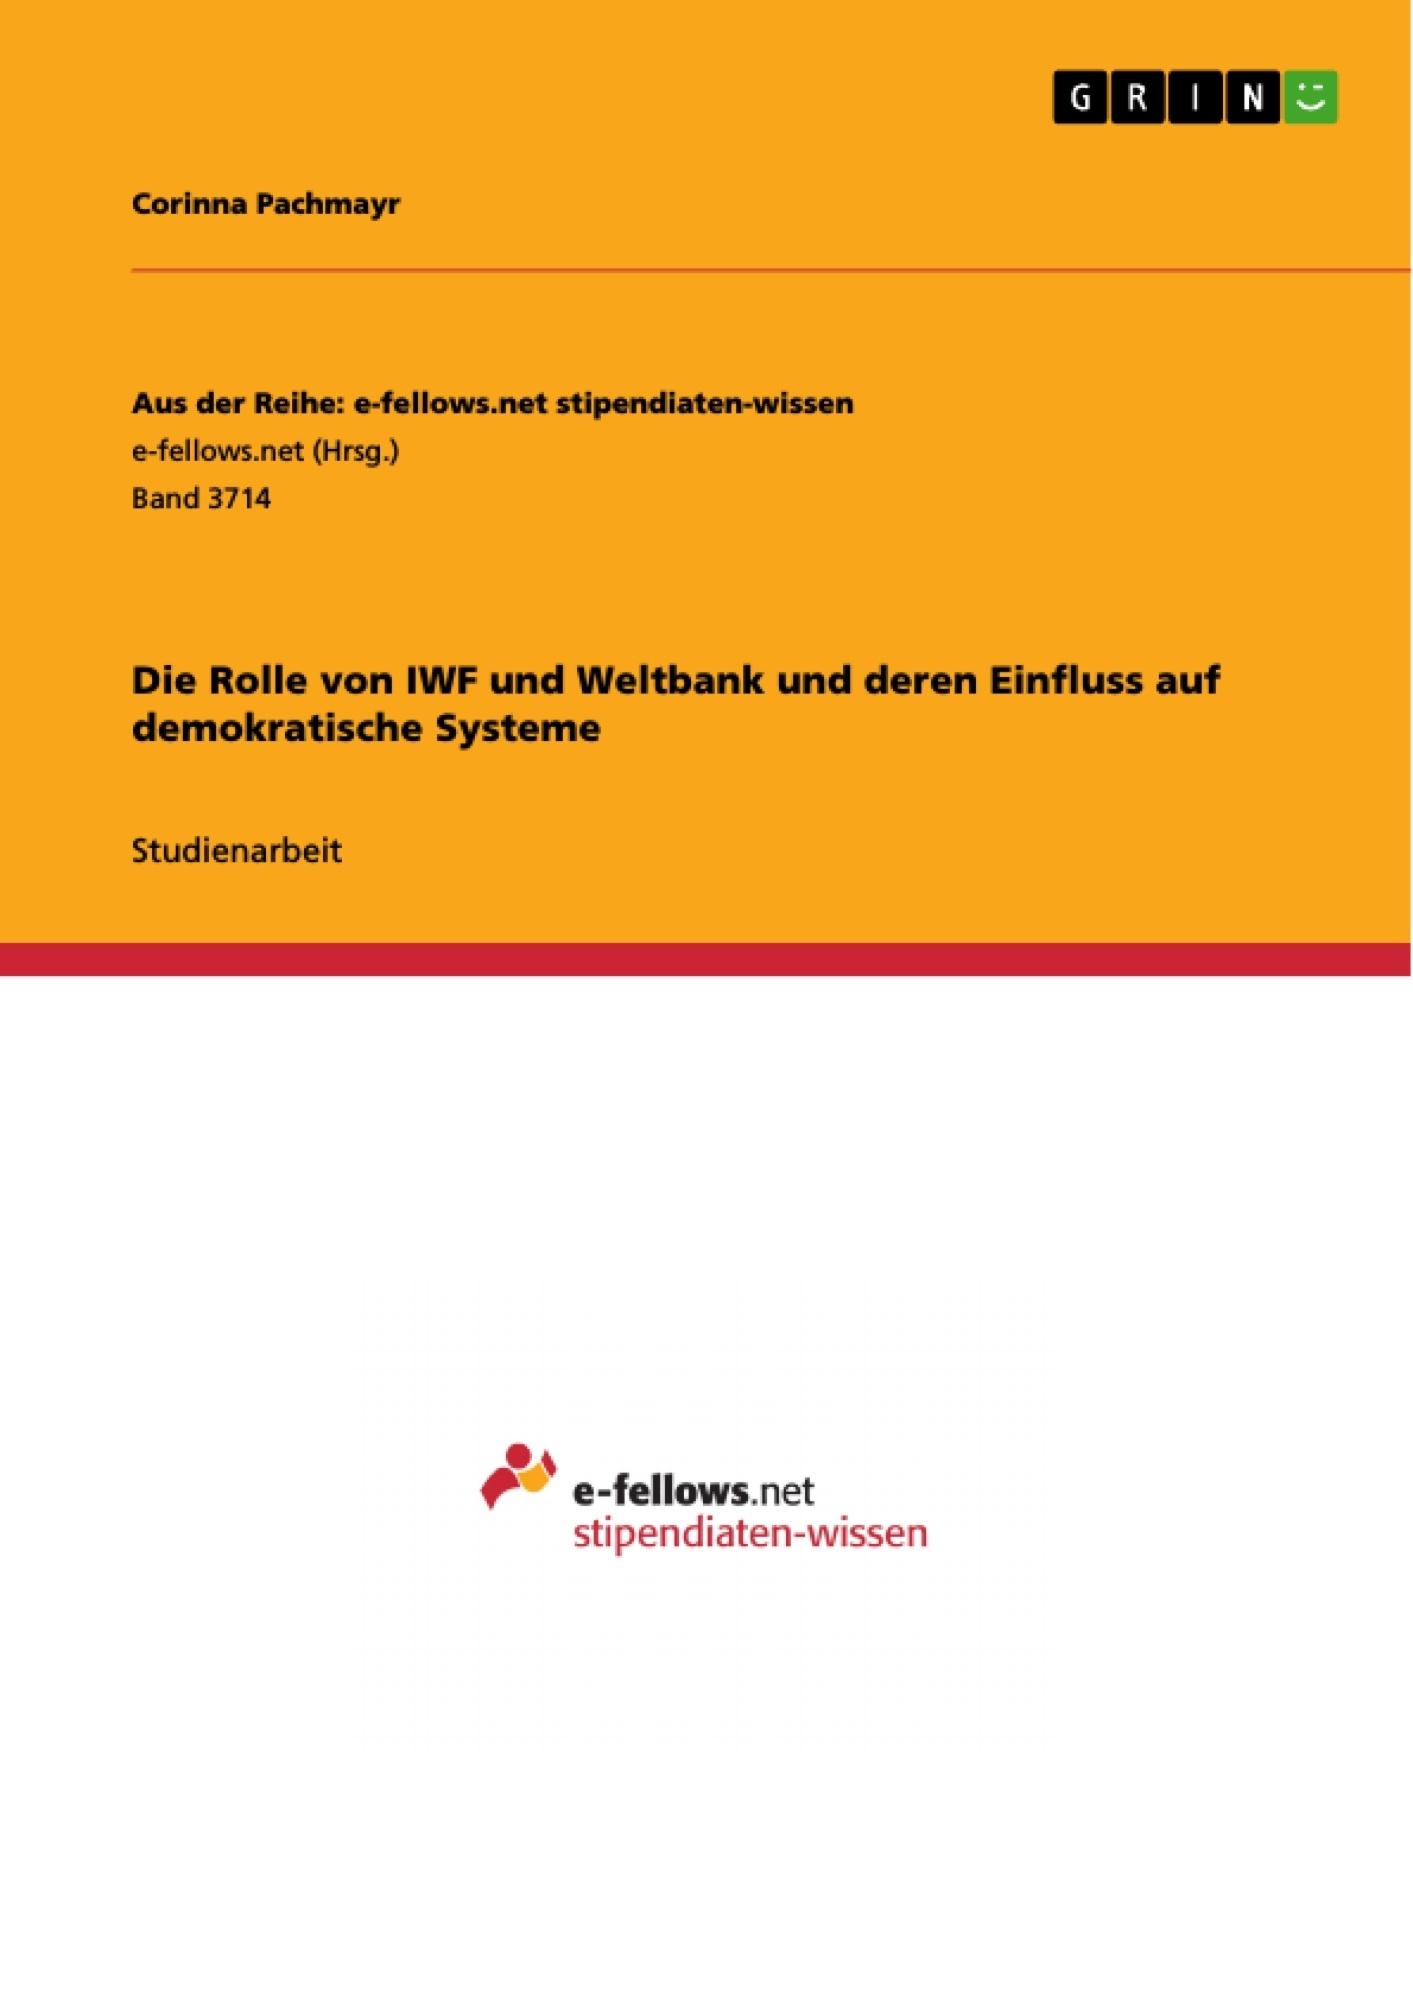 Titel: Die Rolle von IWF und Weltbank und deren Einfluss auf demokratische Systeme